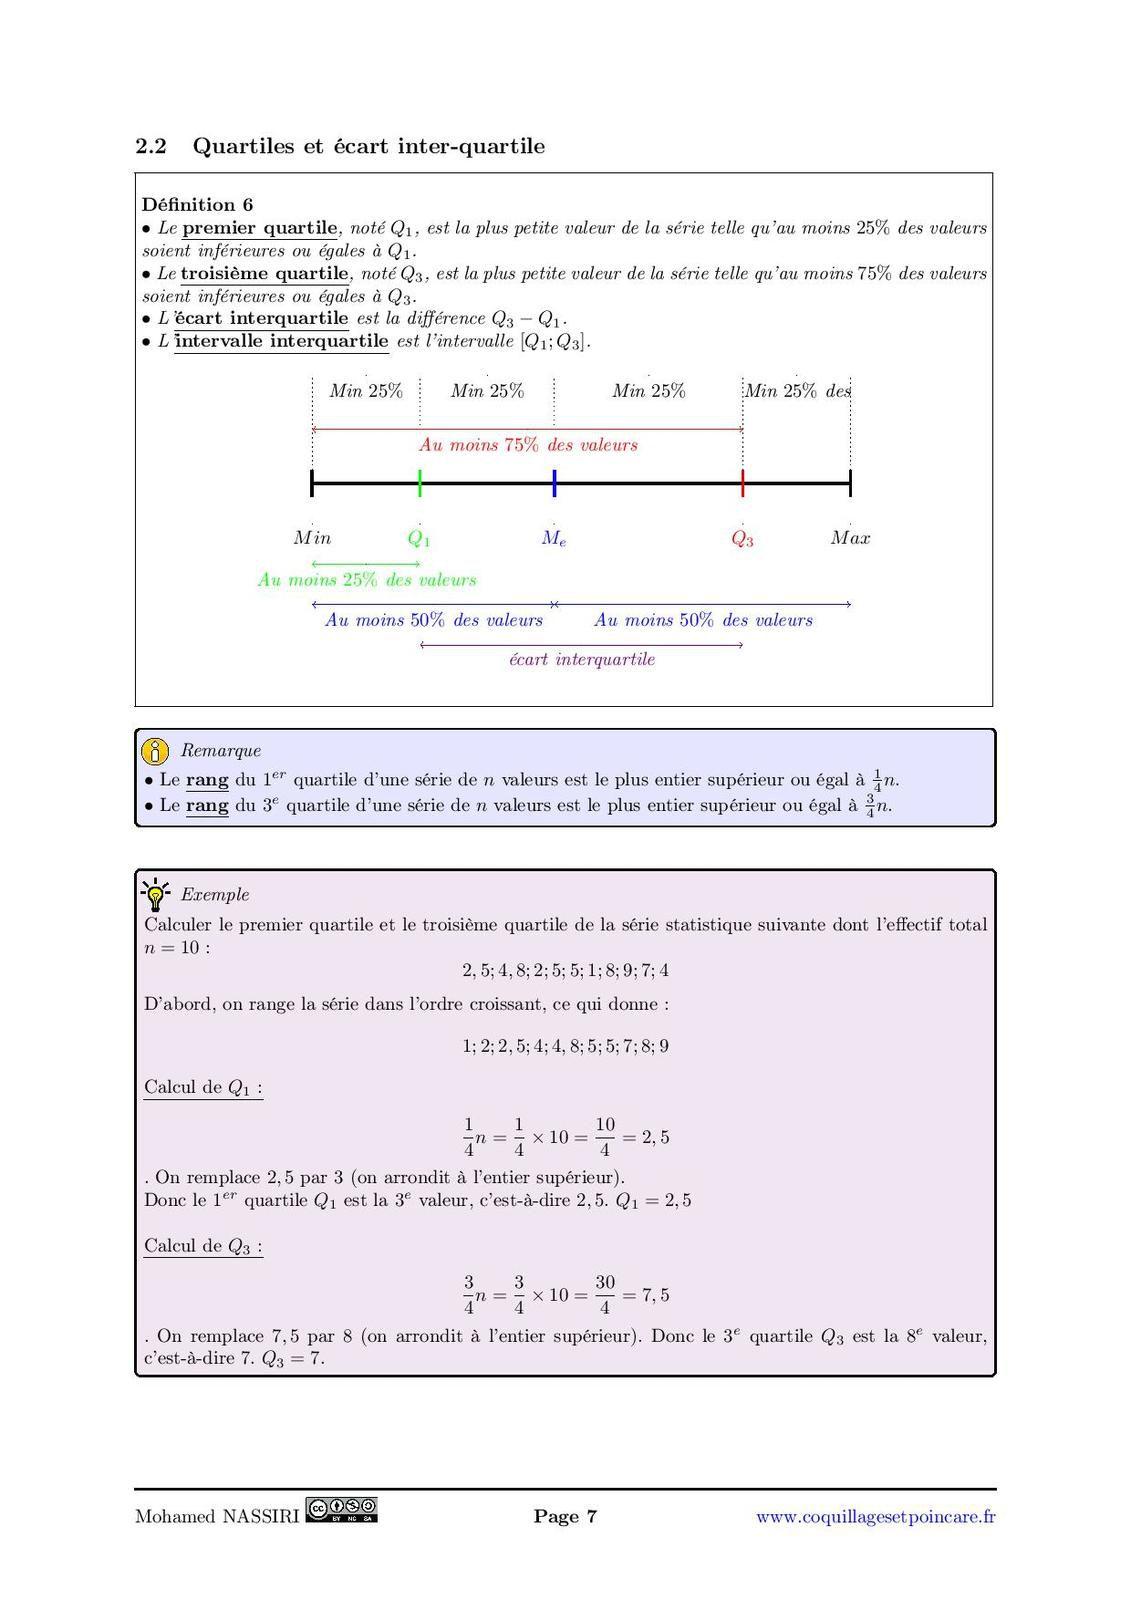 Médiane, quartiles, moyenne, écart-type : le cours complet avec démonstrations (15pages)